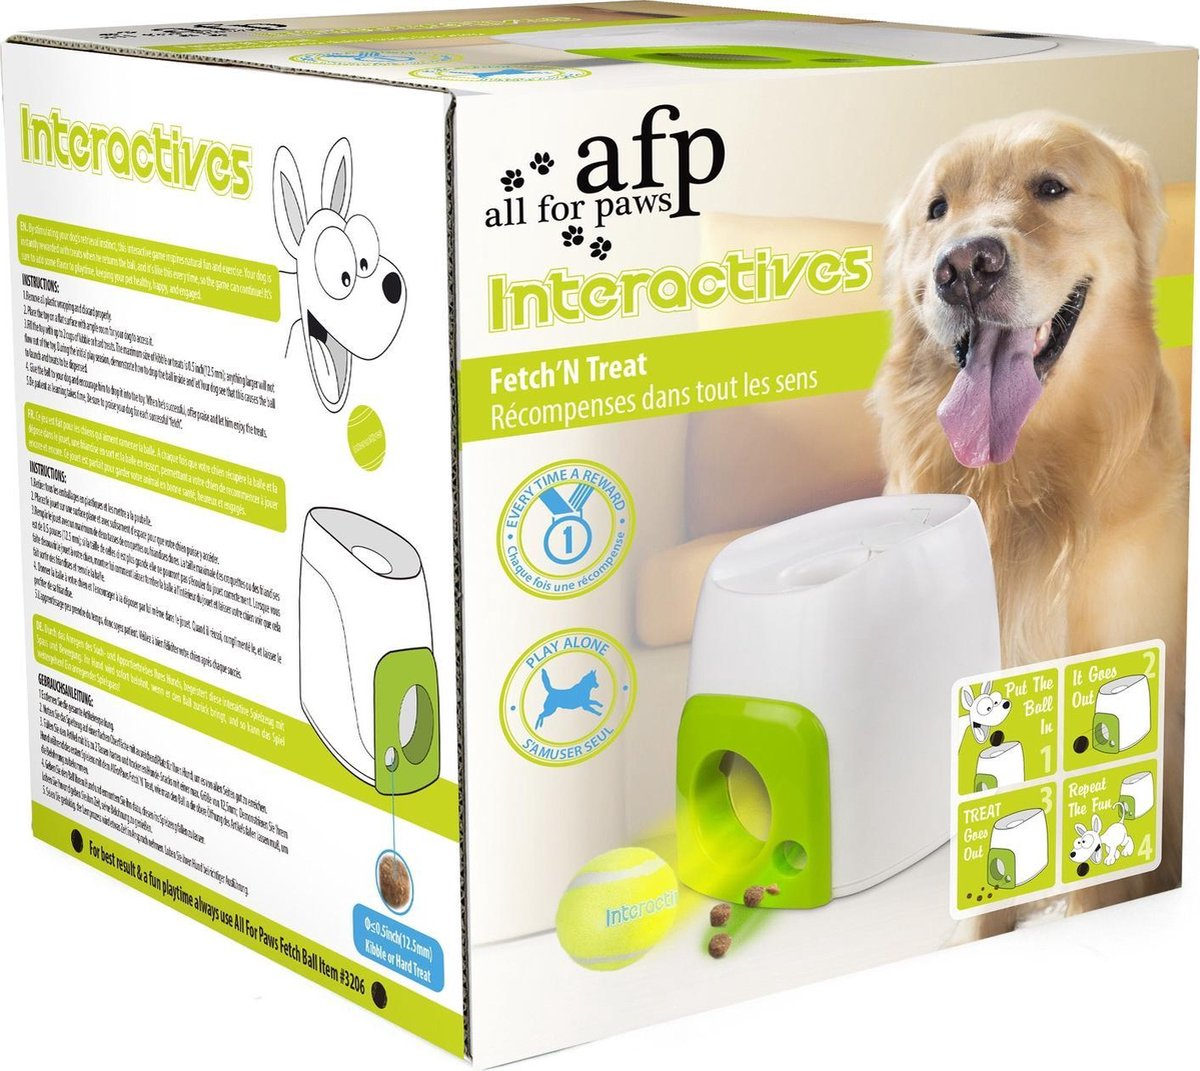 Afp Interactive Fetch 'N Treat - Hondenspeelgoed - 16 x 16 x 20 cm - AFP